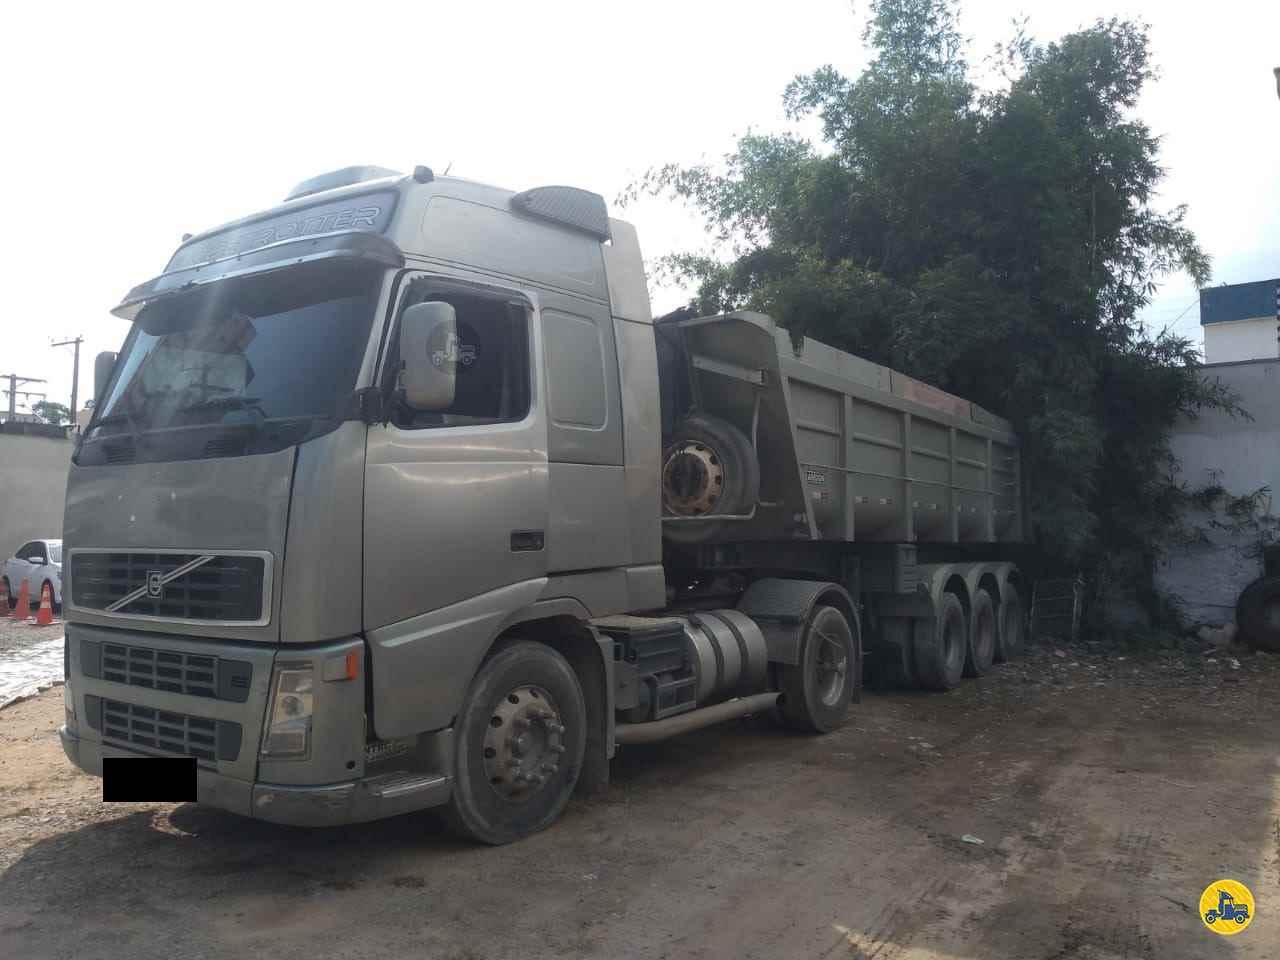 CAMINHAO VOLVO VOLVO FM 480 Cavalo Mecânico Toco 4x2 Wilson Caminhões RIBEIRAO PIRES SÃO PAULO SP